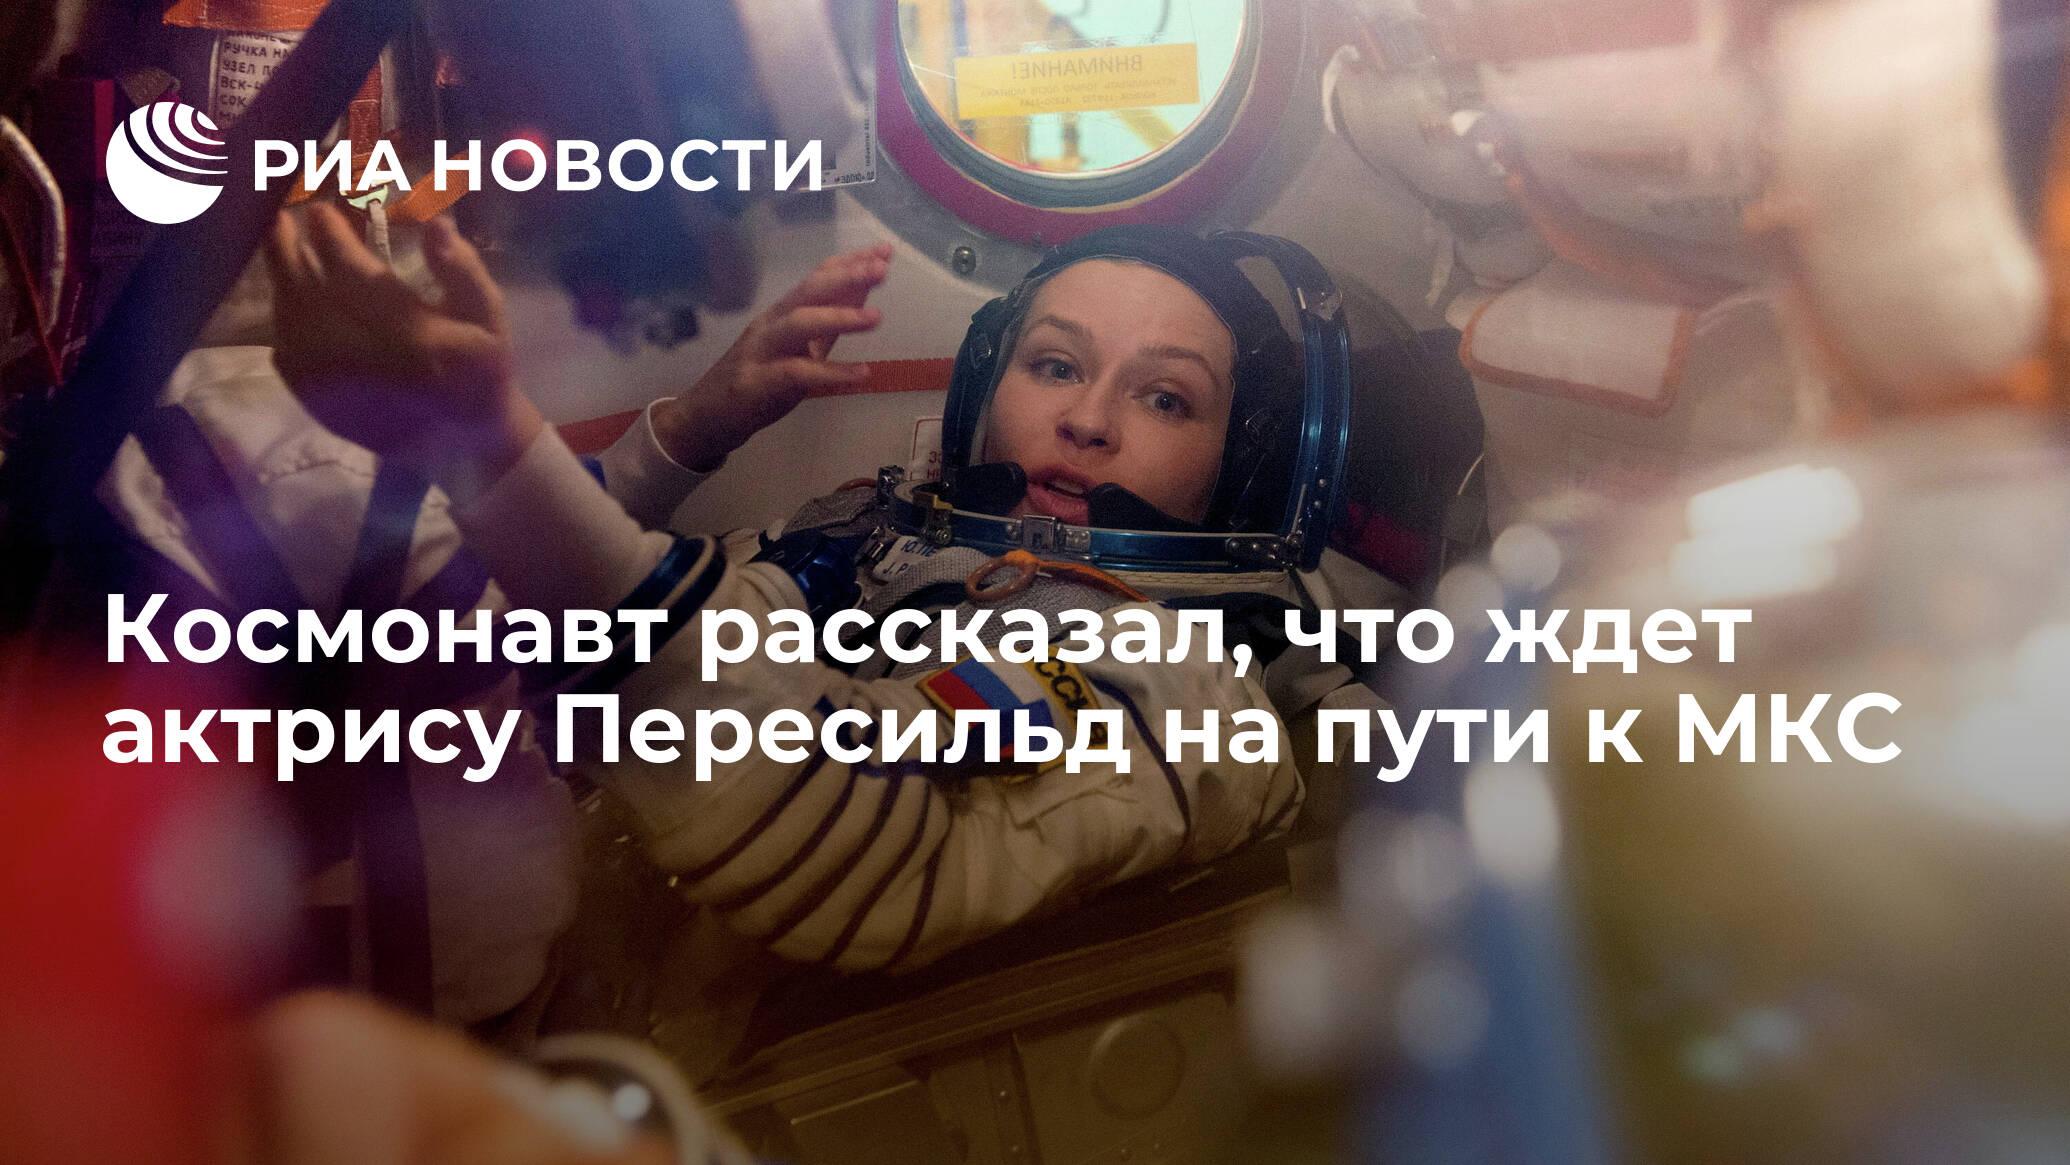 Космонавт рассказал, что ждет актрису Пересильд на пути к МКС